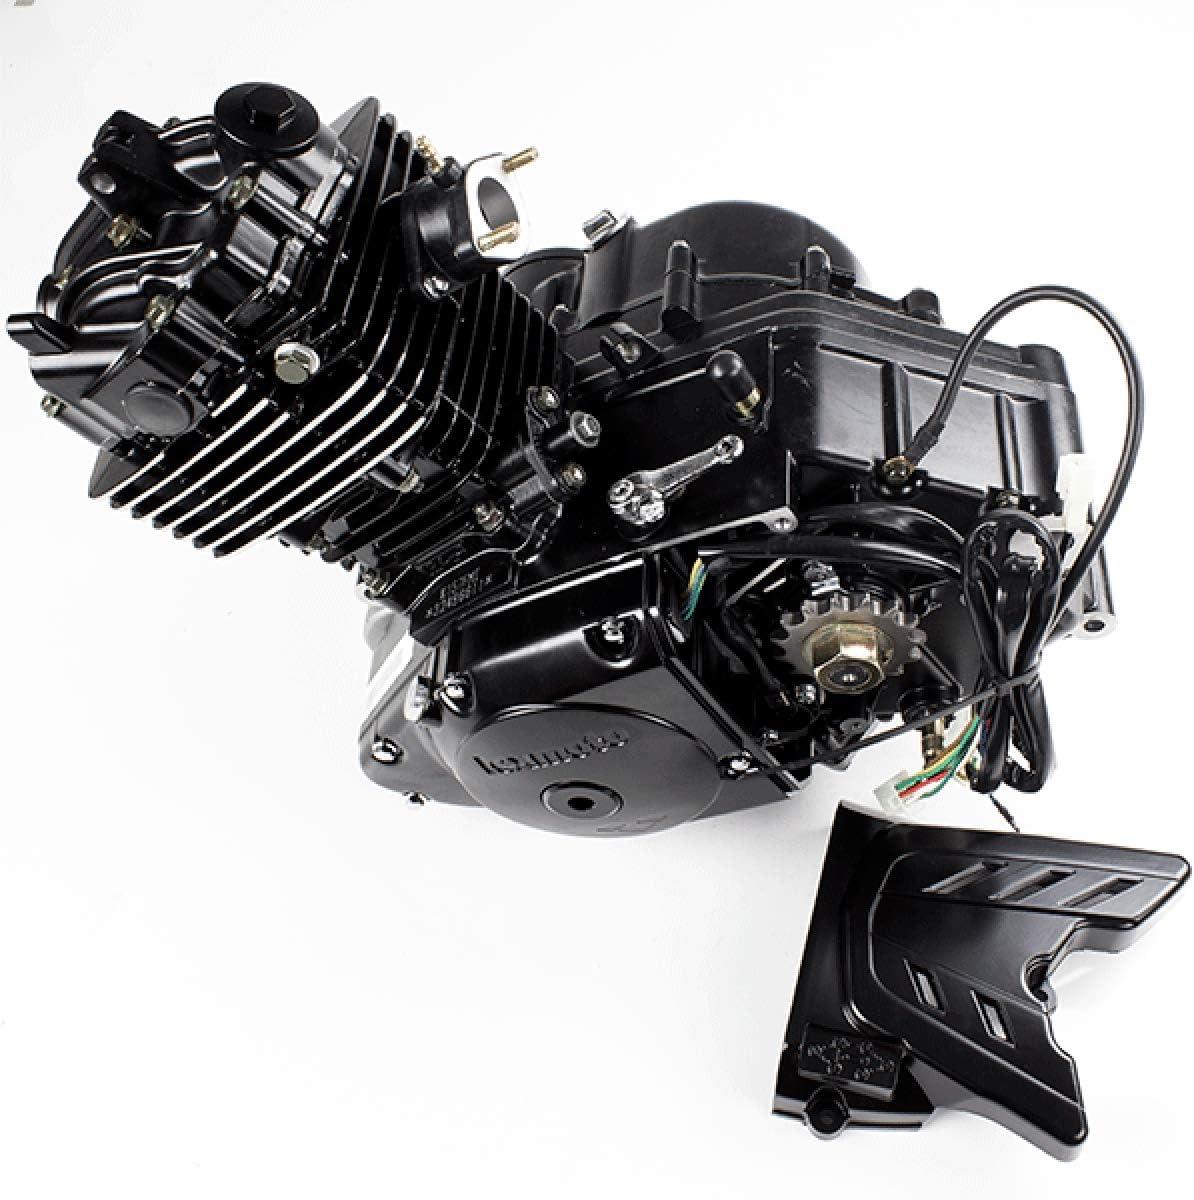 125cc Motorcycle Schwarz Motor Komplett K157fmi Mit Lexmoto Logo Eng057 057 Auto